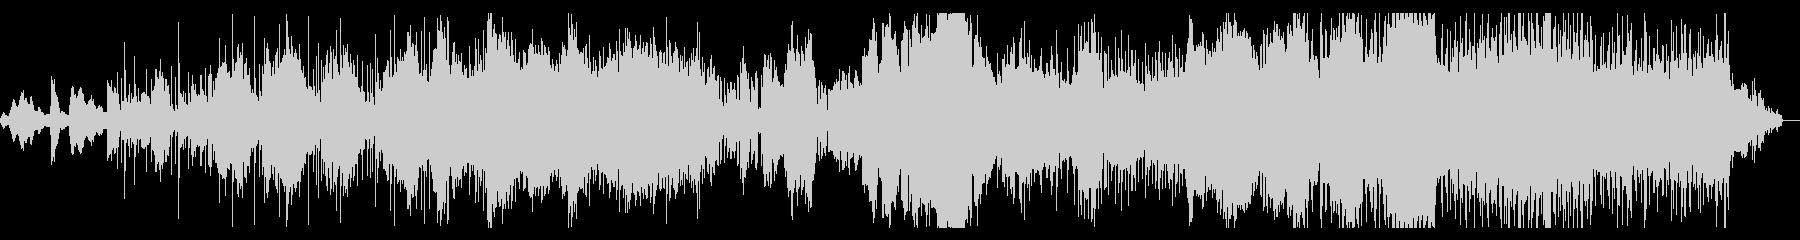 アトモスフィアとグリッジのシネマIDMの未再生の波形